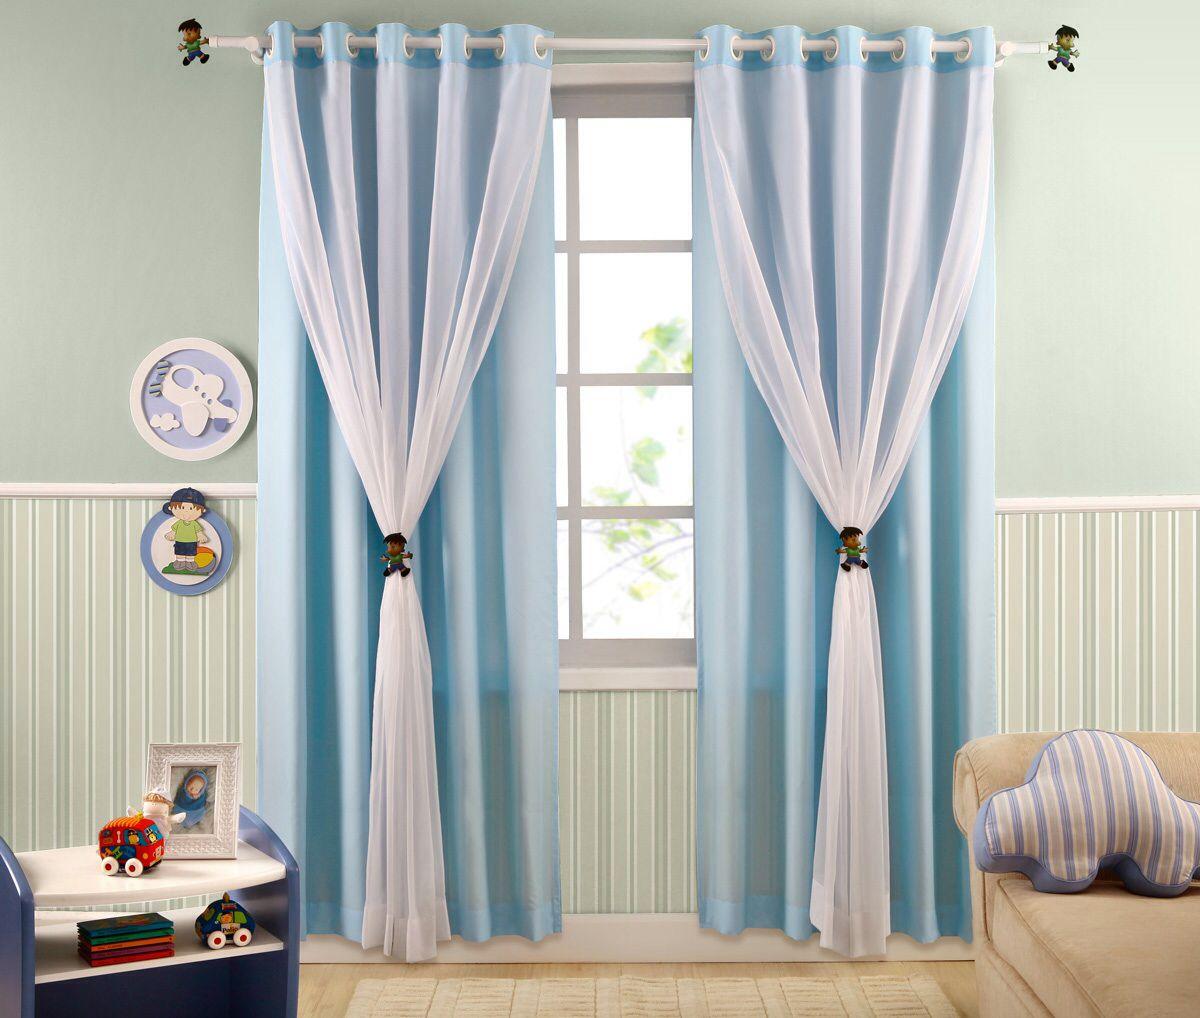 Cortina infantil azul baby cortinas dormitorio for Cortinas habitacion bebe